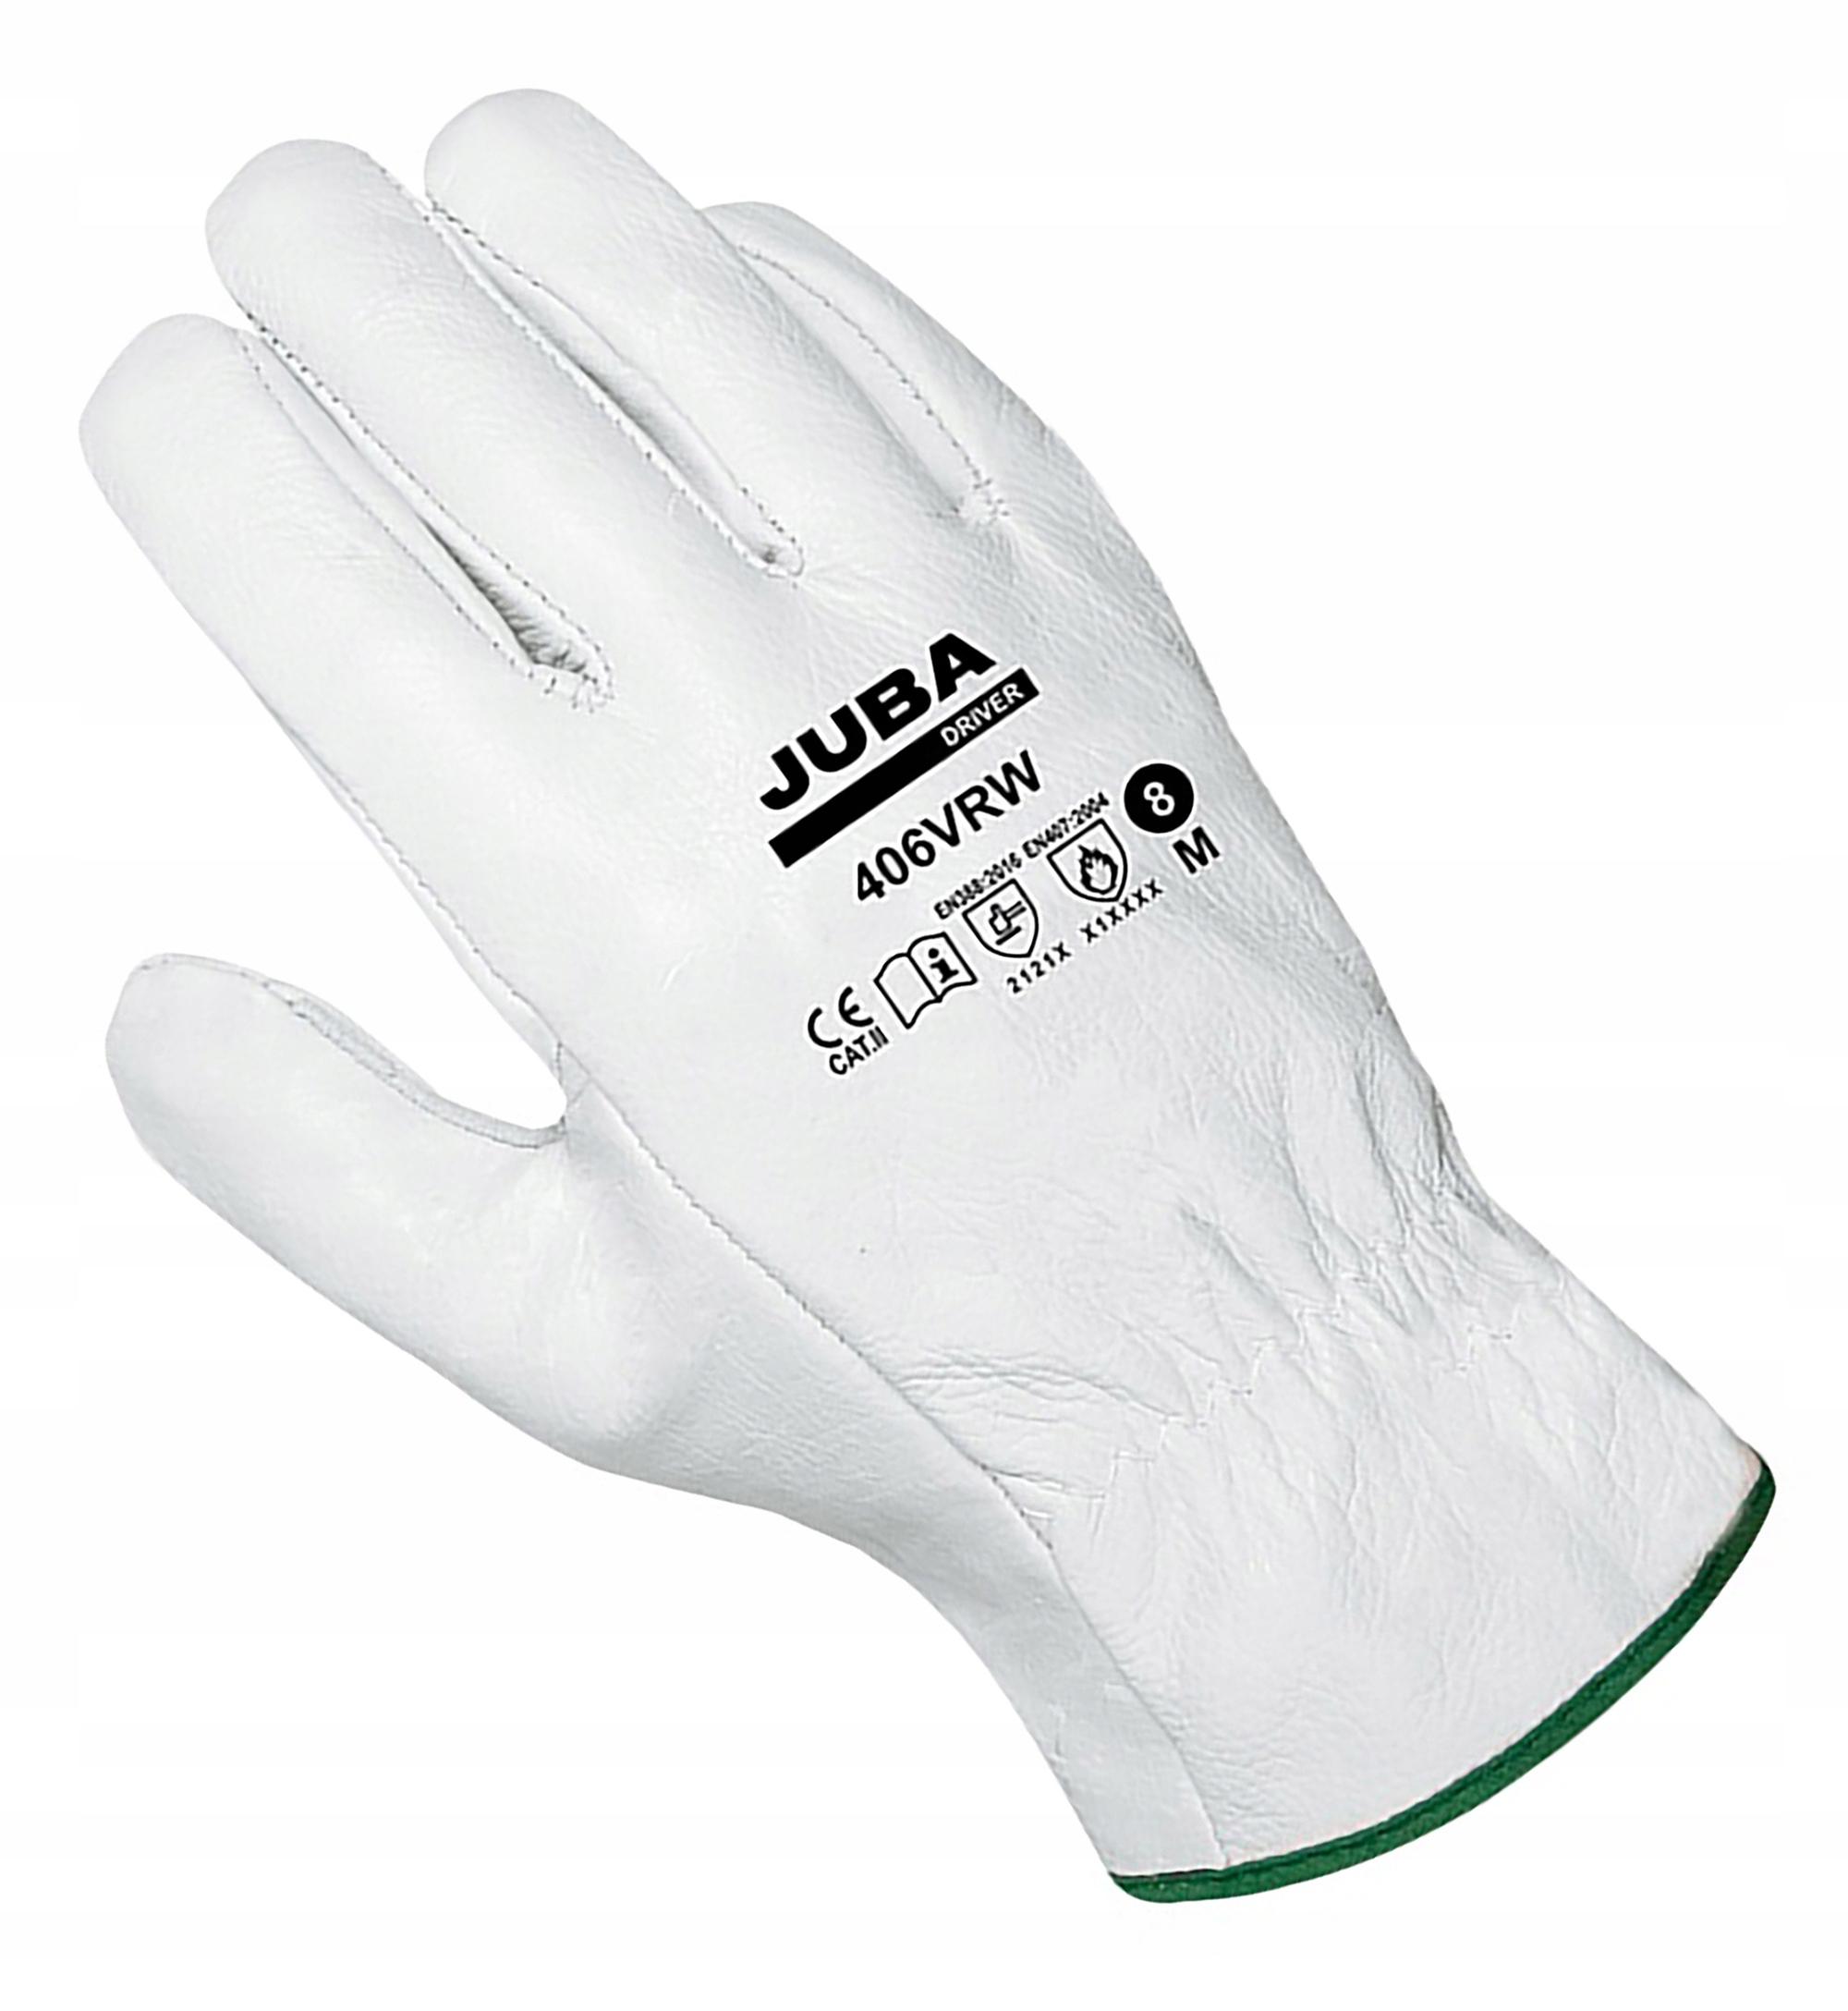 Перчатки рабочие 406VRW кожа lic. белая Джуба р. 9